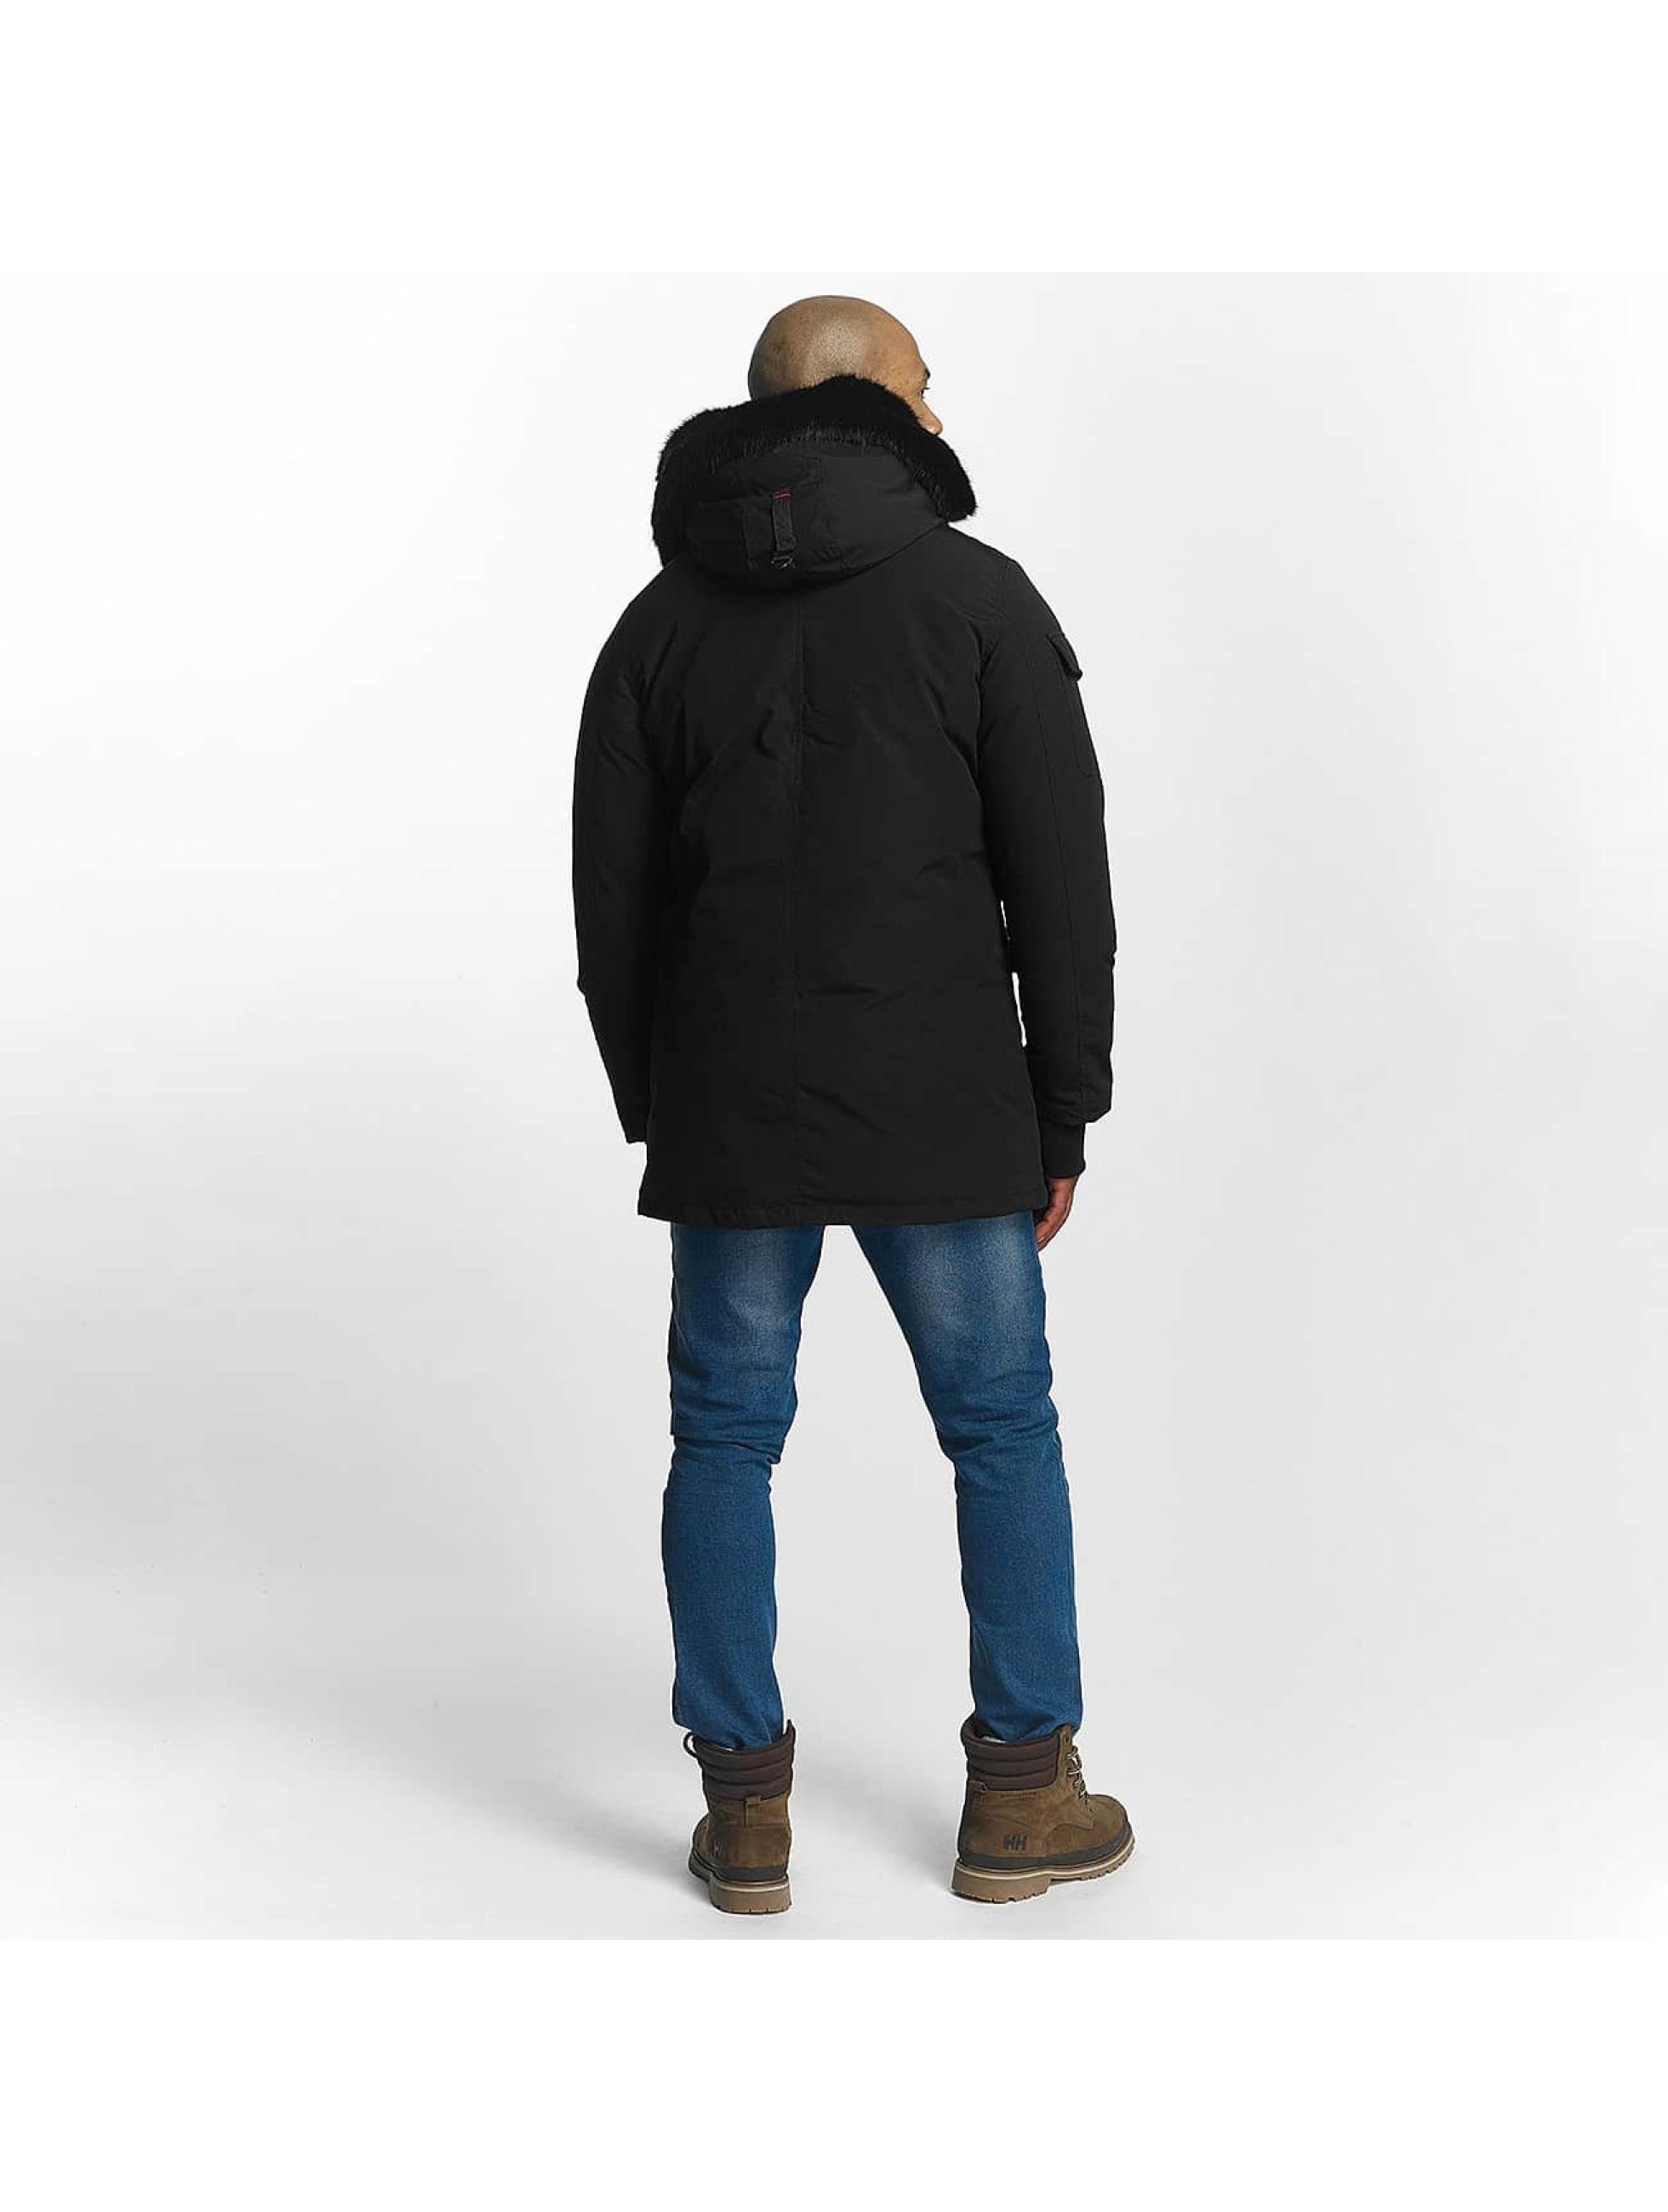 Helvetica Manteau hiver Timber Long Black Edition noir